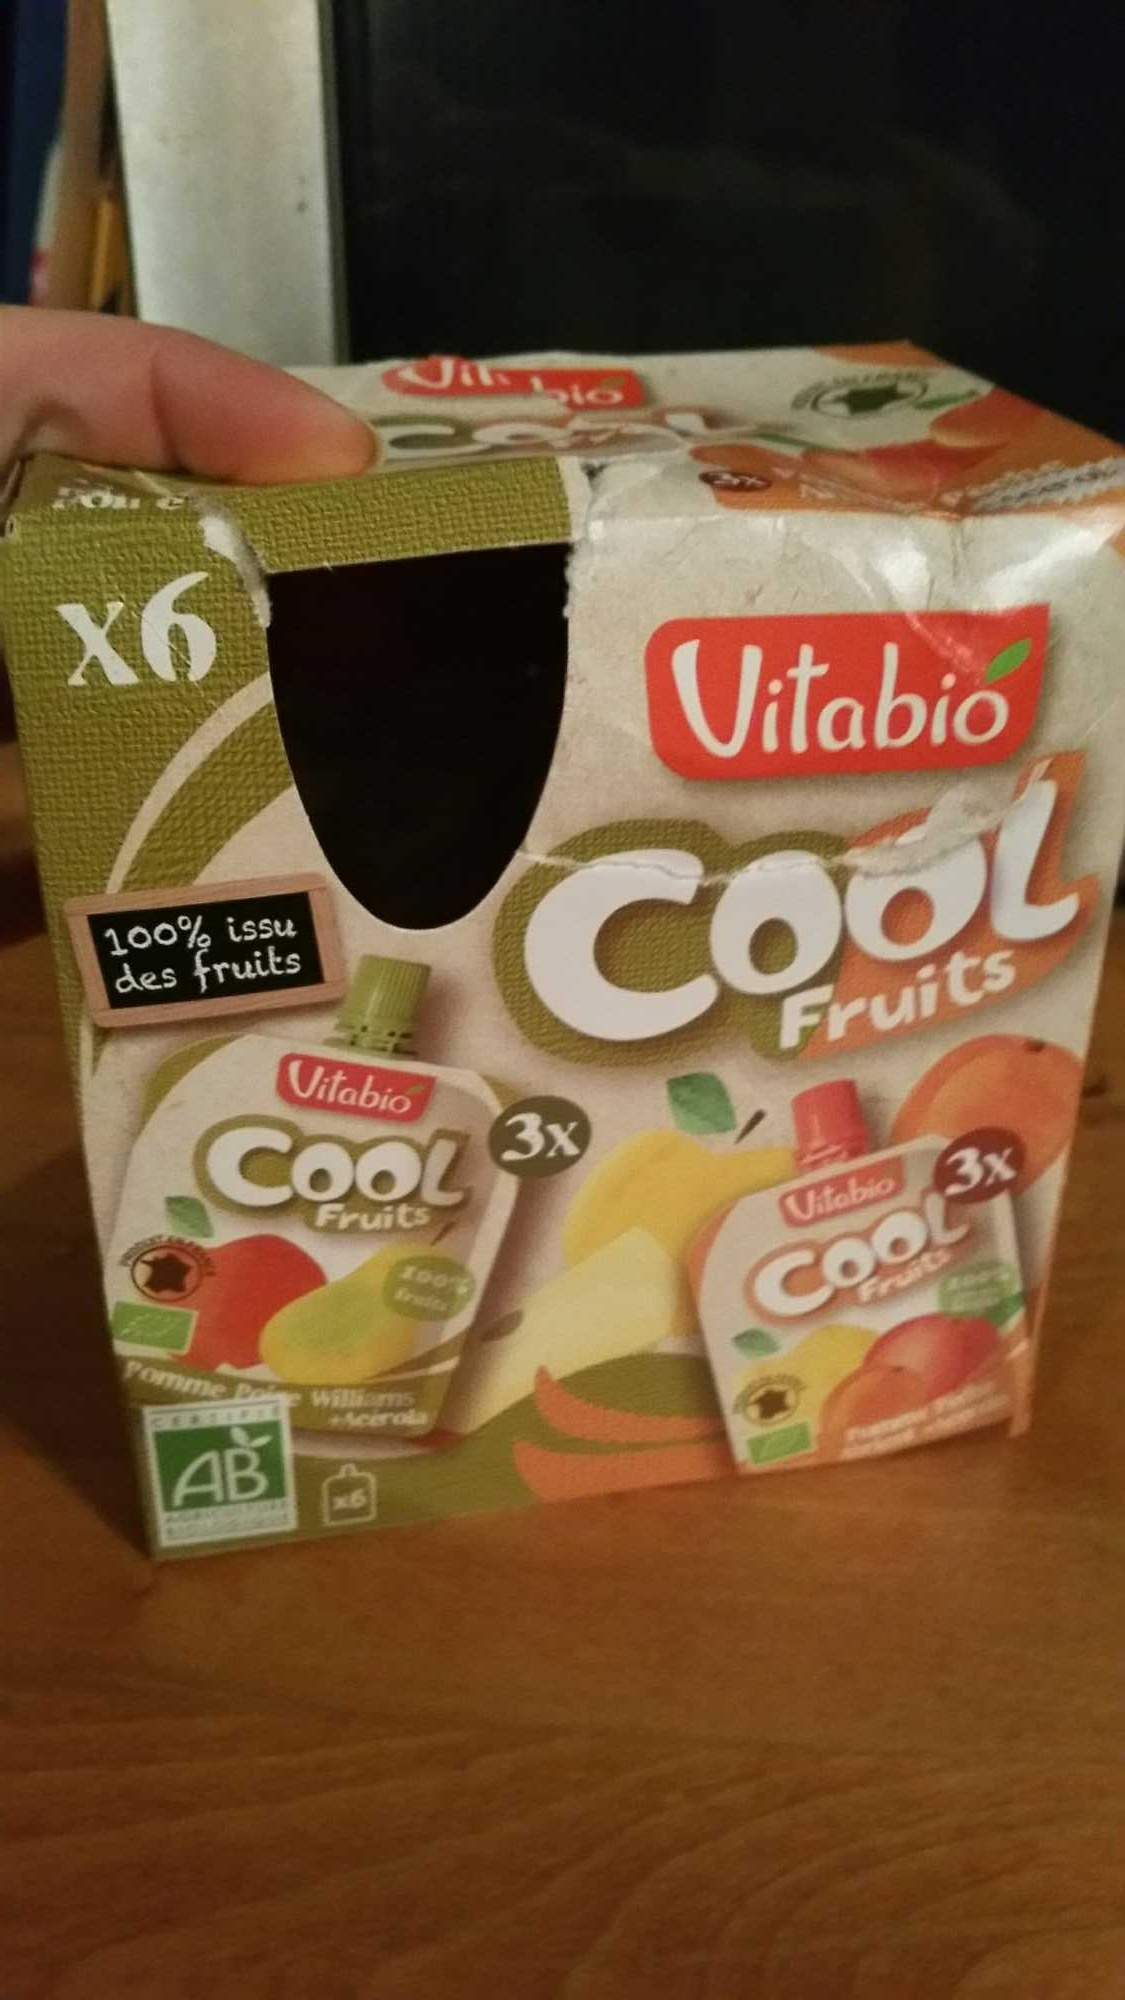 Cool Fruits Pomme Pêche Abricot + Acérola et Pomme Poire + Acérola - Product